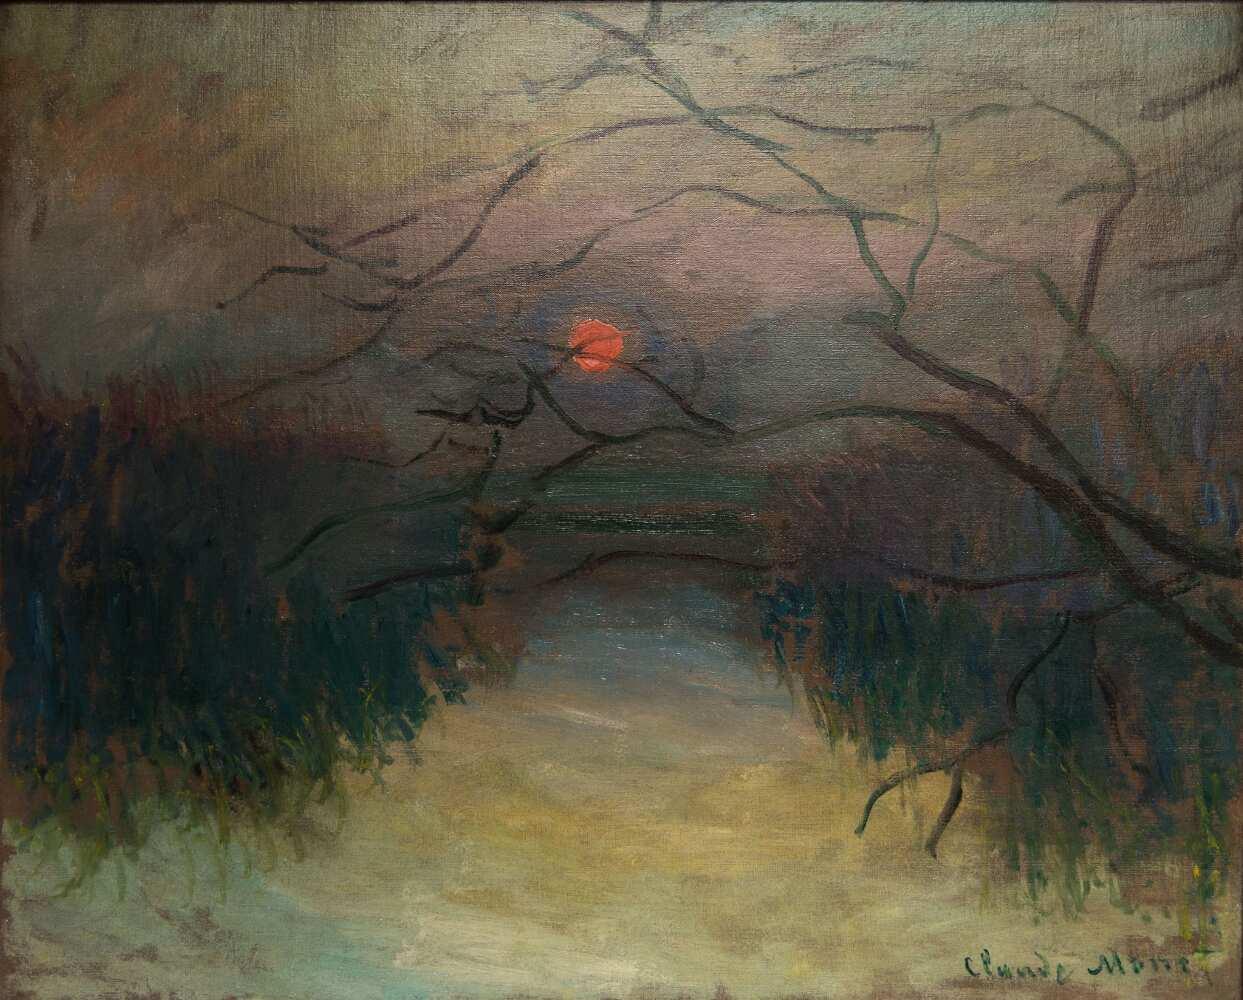 Claude Monet, Sonnenuntergang, 1880, Öl auf Leinwand (Privatsammlung, C/O Galerie de la B éraudieré, Genf)